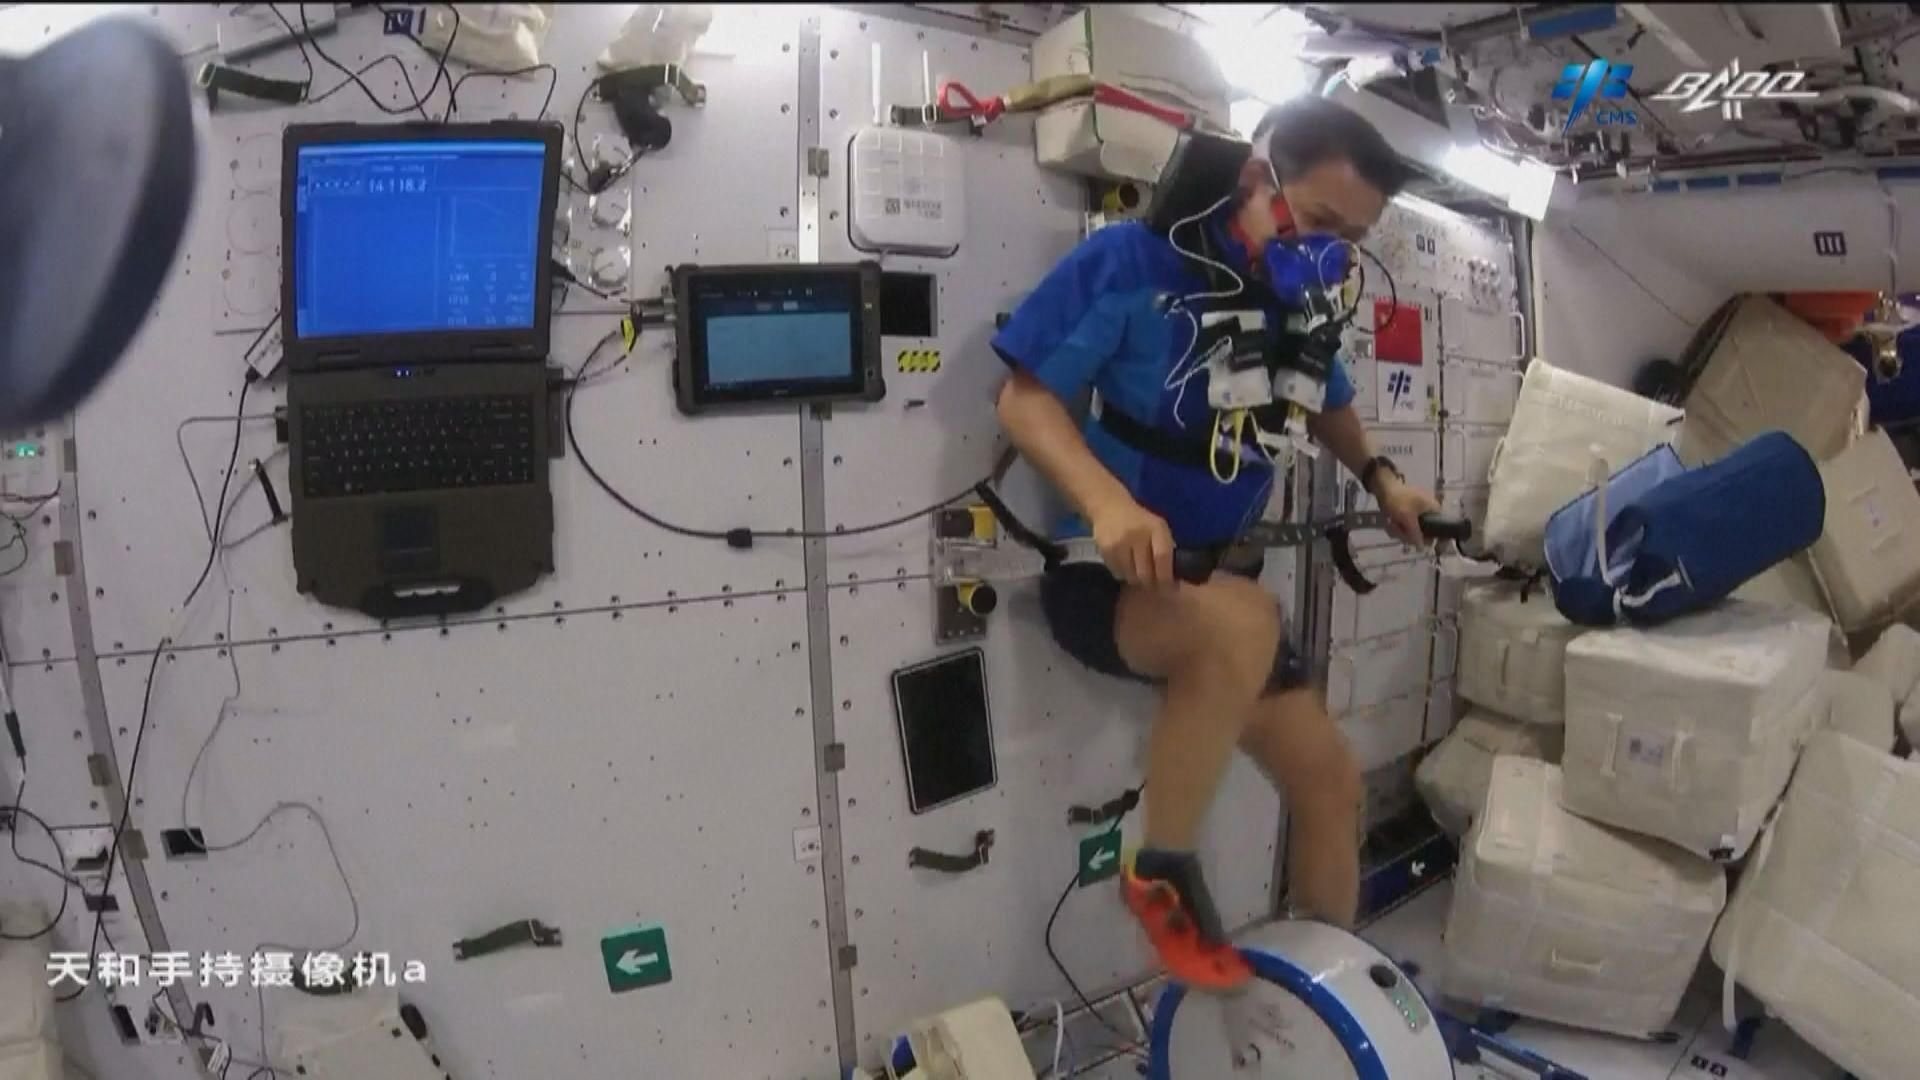 神舟十二號太空人展開醫學實驗 互相幫忙做身體檢查